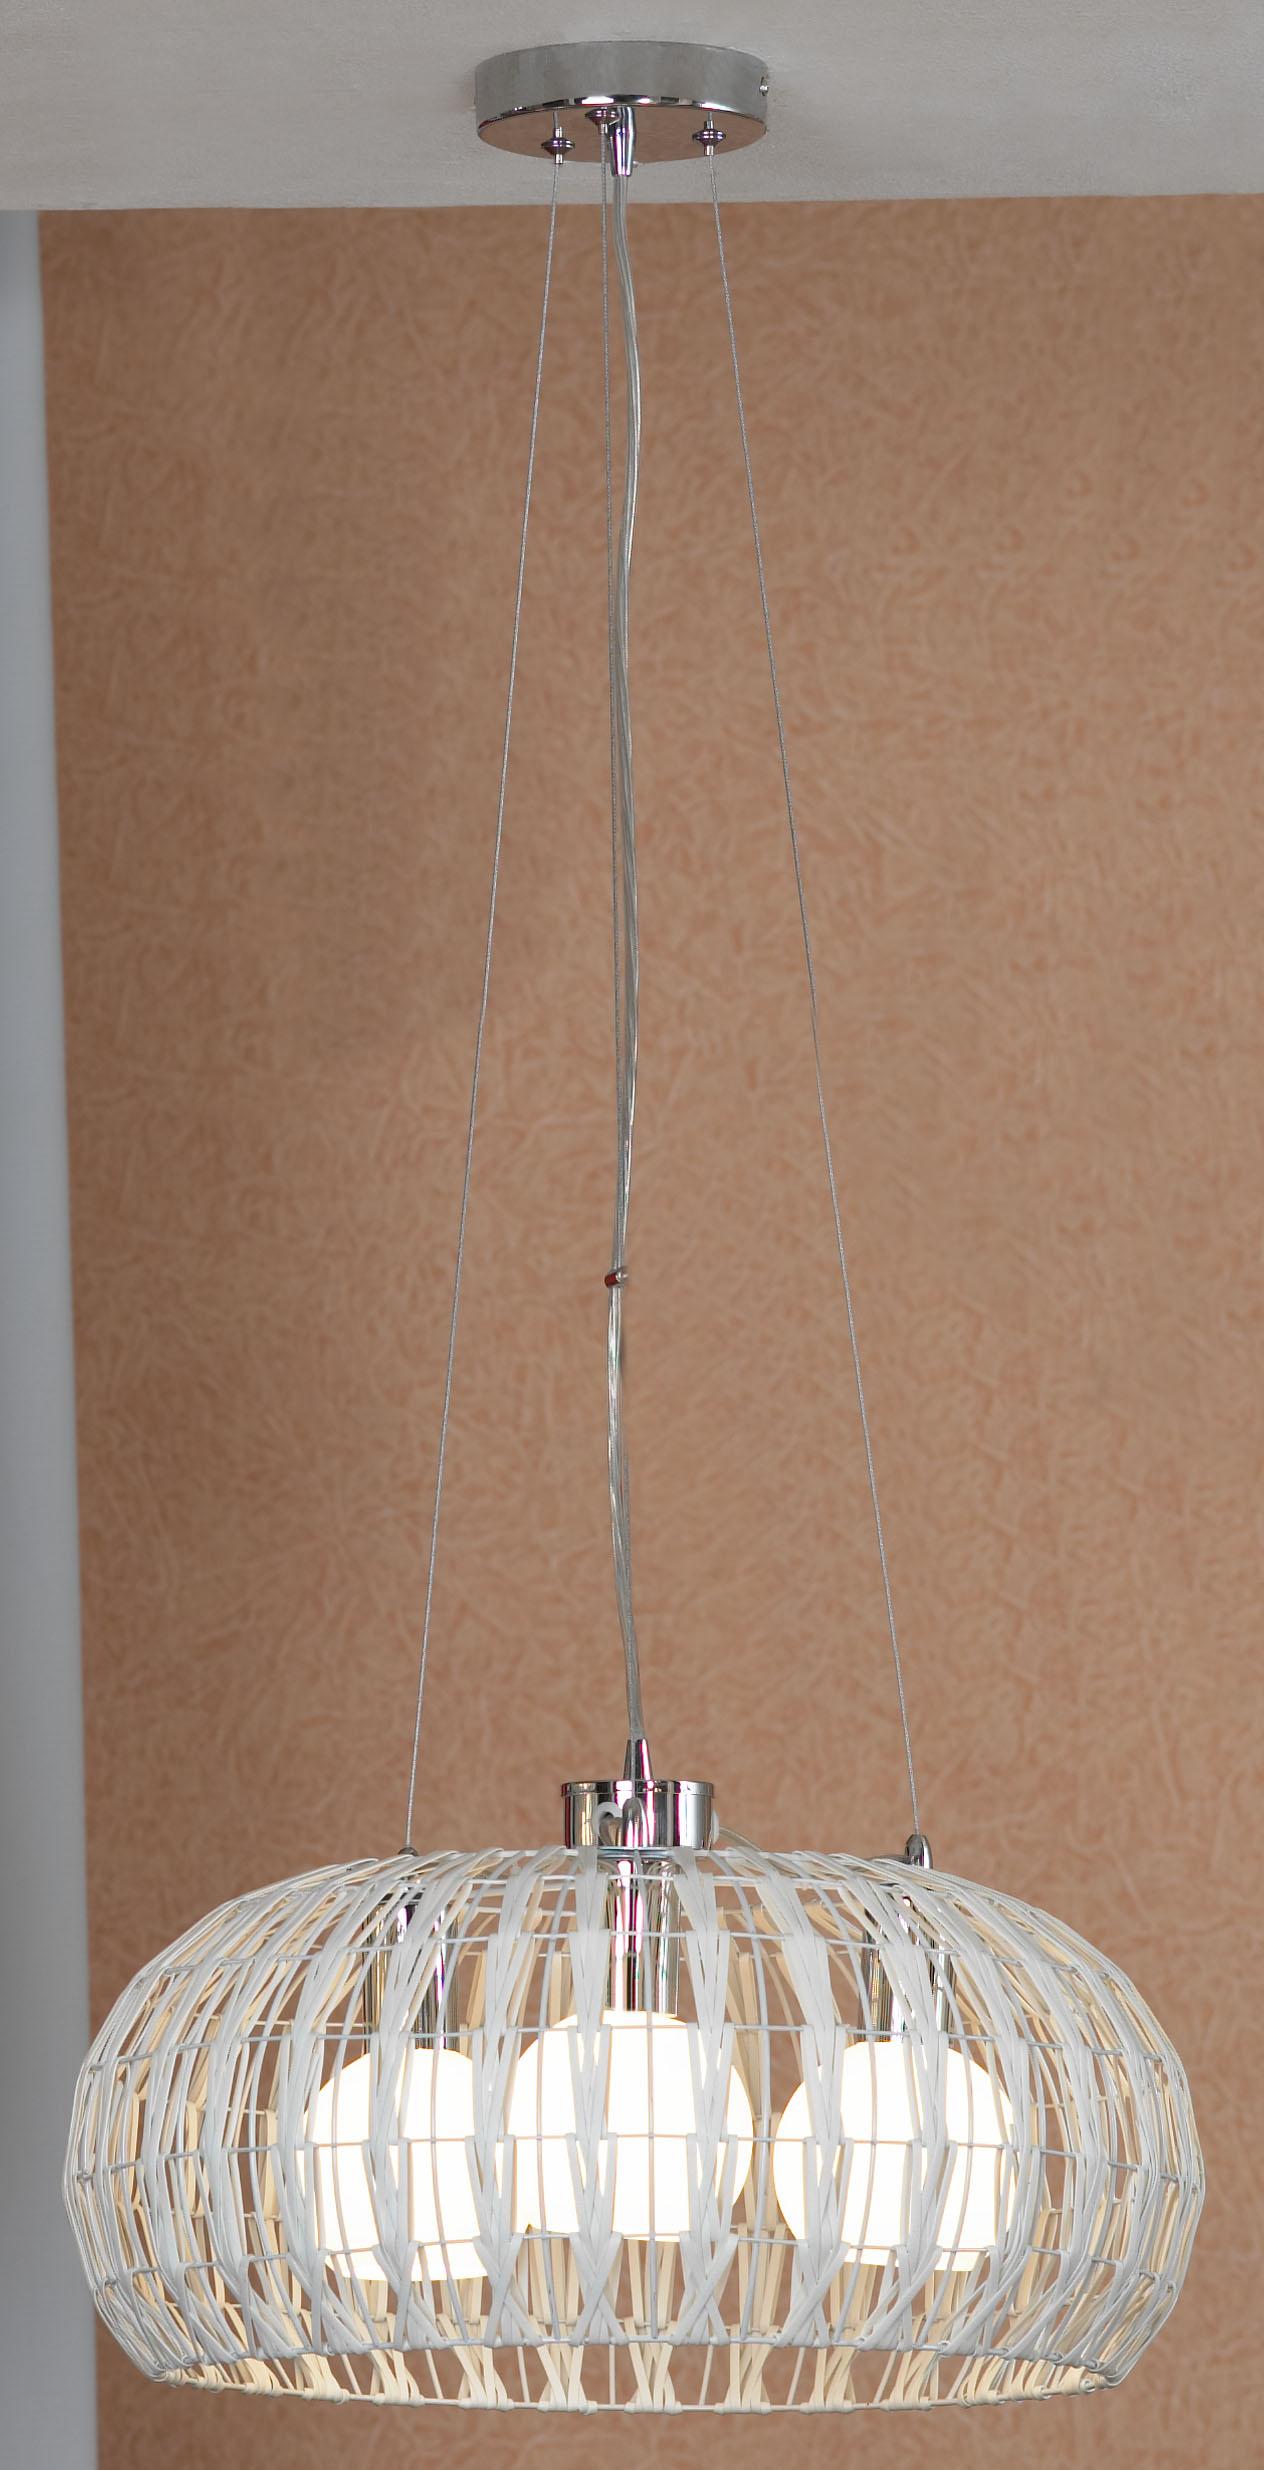 Подвес LussoleСветильники подвесные<br>Количество ламп: 3,<br>Мощность: 60,<br>Назначение светильника: для комнаты,<br>Стиль светильника: модерн,<br>Материал светильника: металл, стекло,<br>Длина (мм): 1000,<br>Ширина: 450,<br>Тип лампы: накаливания,<br>Патрон: Е27,<br>Цвет арматуры: белый<br>